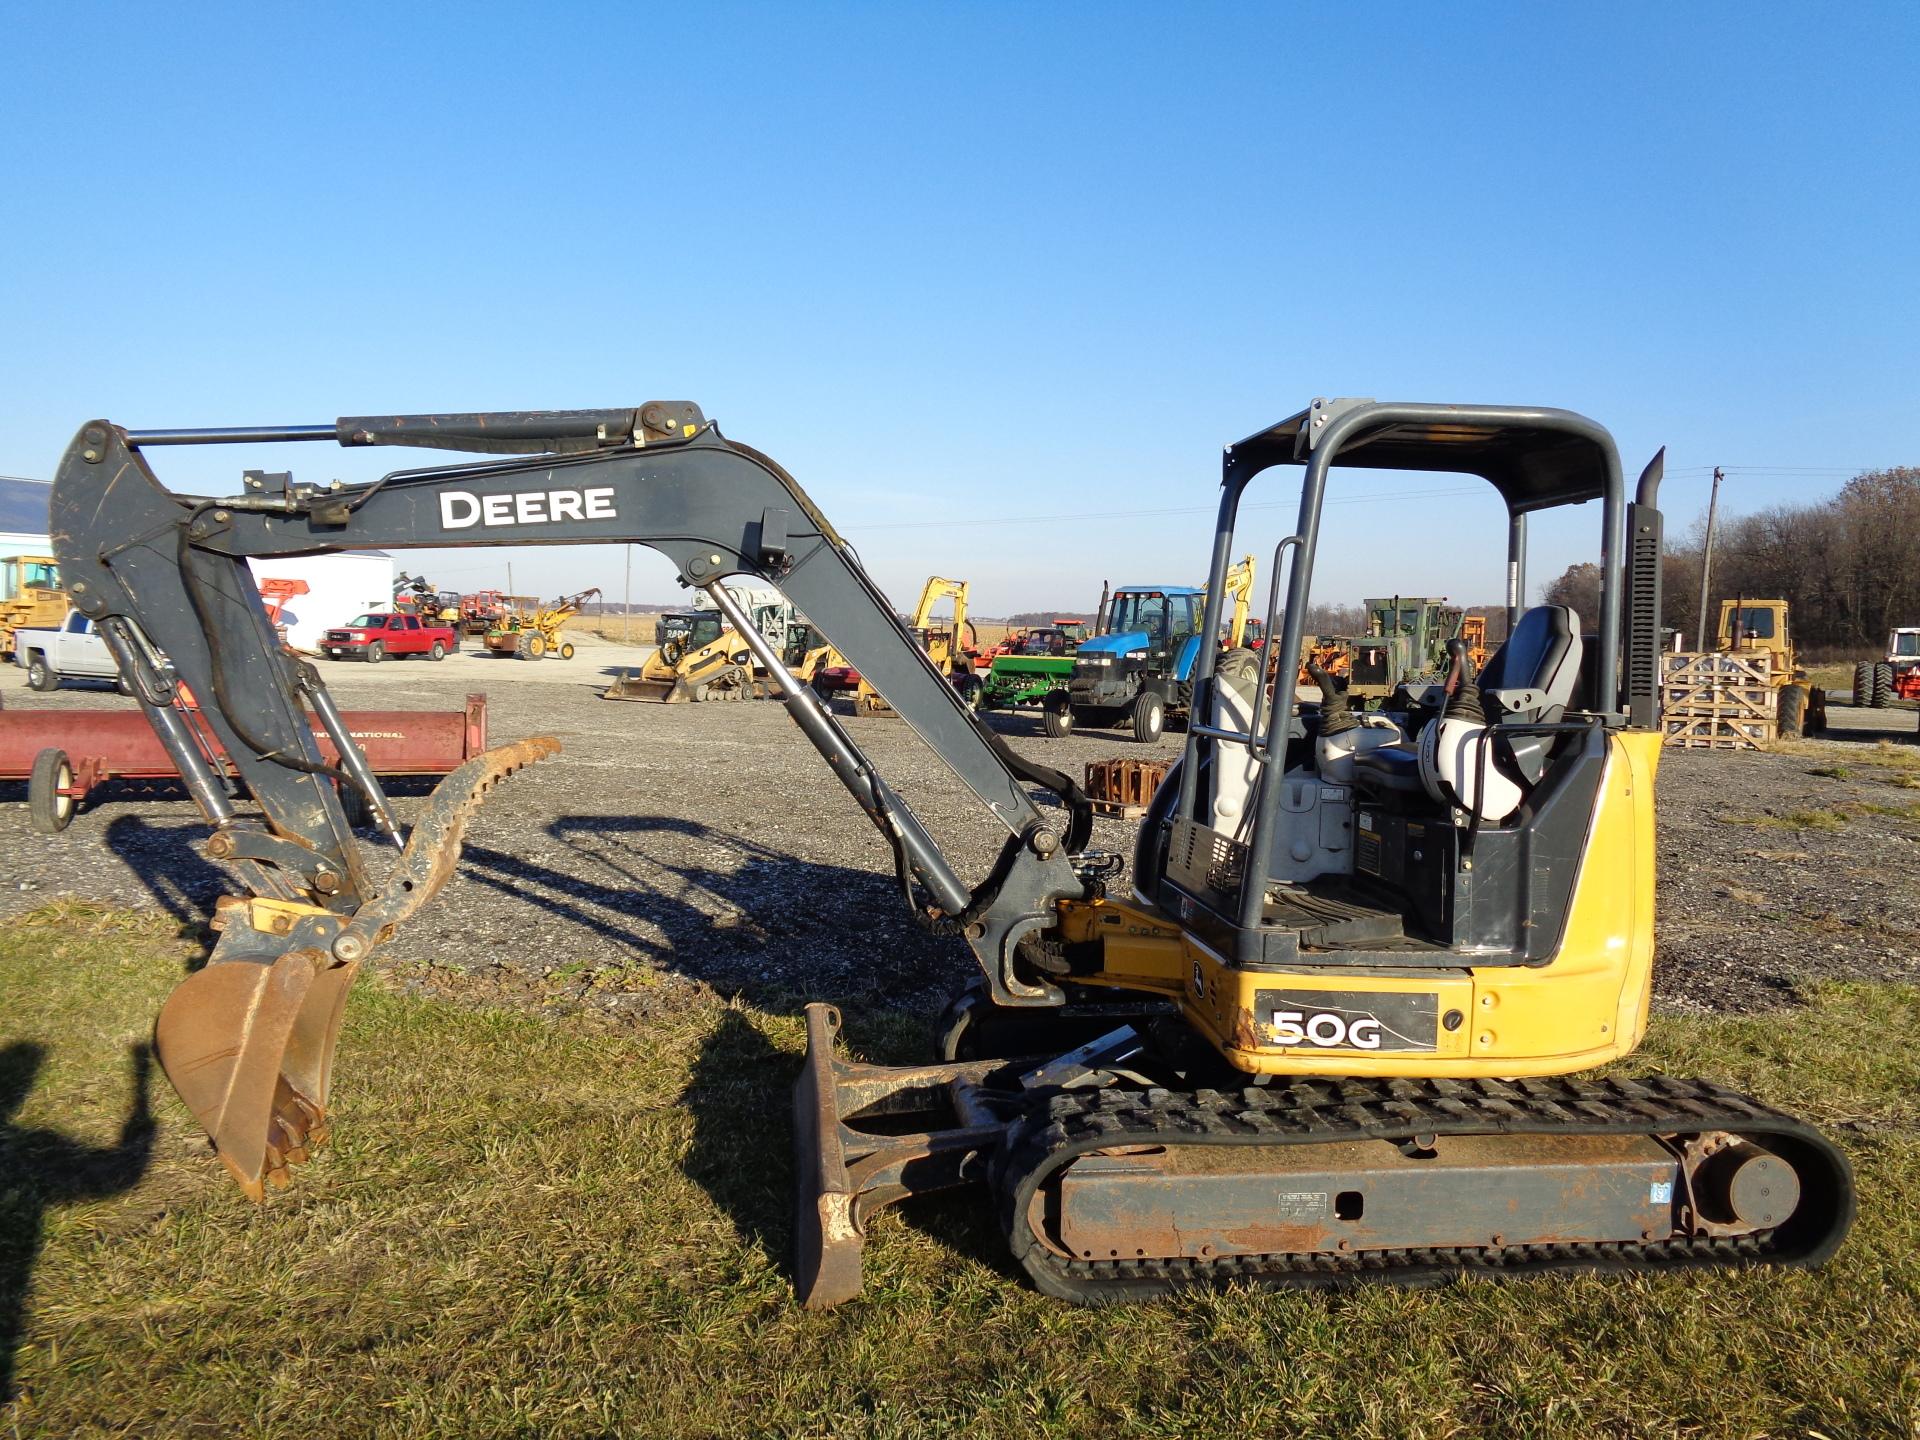 2013 Deere 50G     $34,900